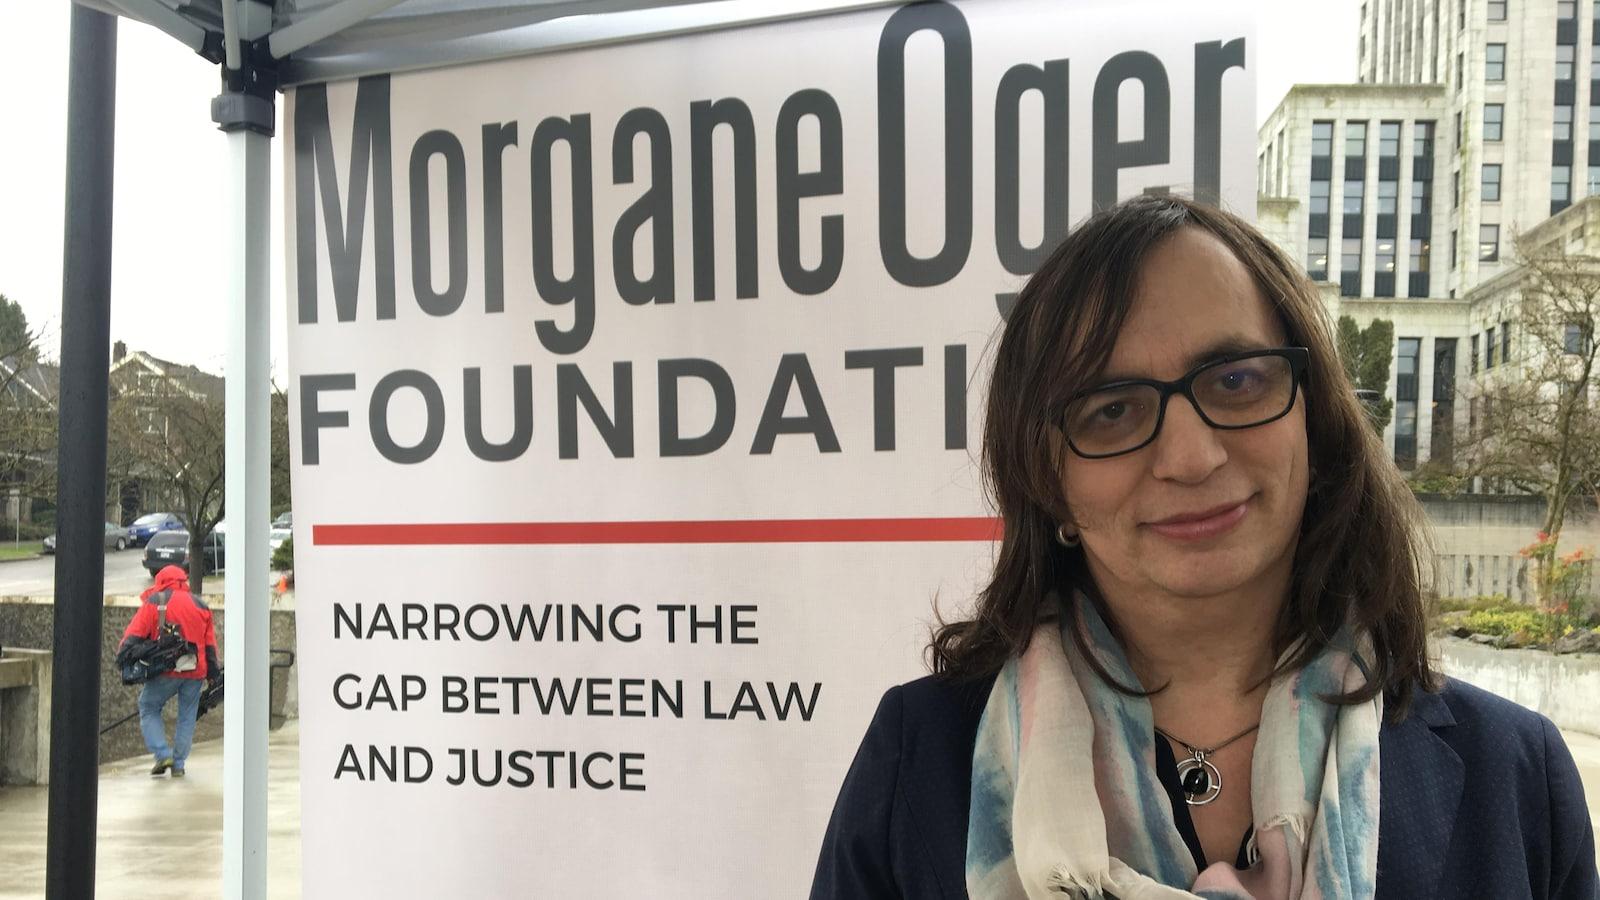 Morgane Oger, une femme transgenre, pose à l'extérieur devant une affiche sur laquelle il est inscrit Morgane Oger Foundation. Elle porte des lunettes, des cheveux bruns aux épaules et un foulard aux couleurs pâles.